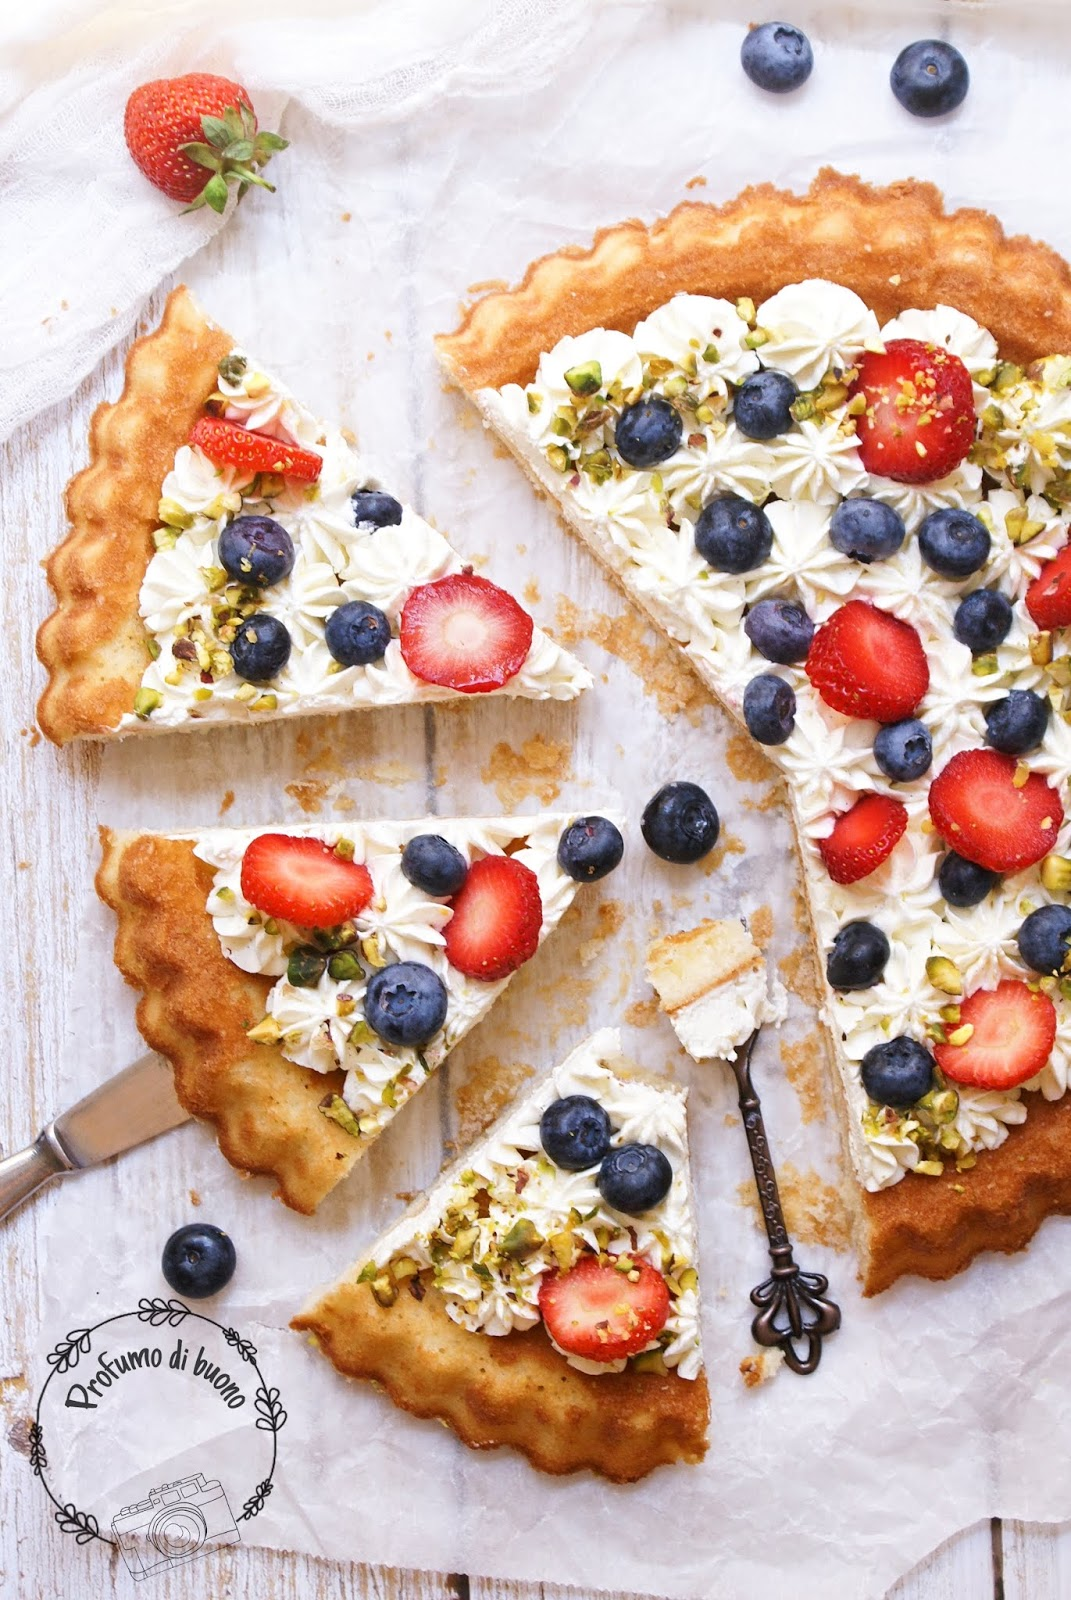 Crostata morbida senza glutine ripiena di crema al phiadelphia con fragole, mirtilli e granella di pistacchi